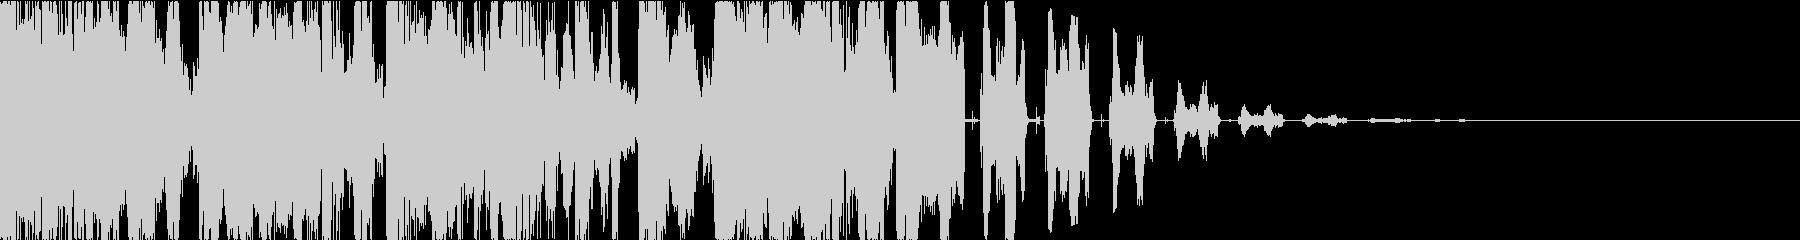 ヒップホップ・DJスクラッチ・ジングルcの未再生の波形